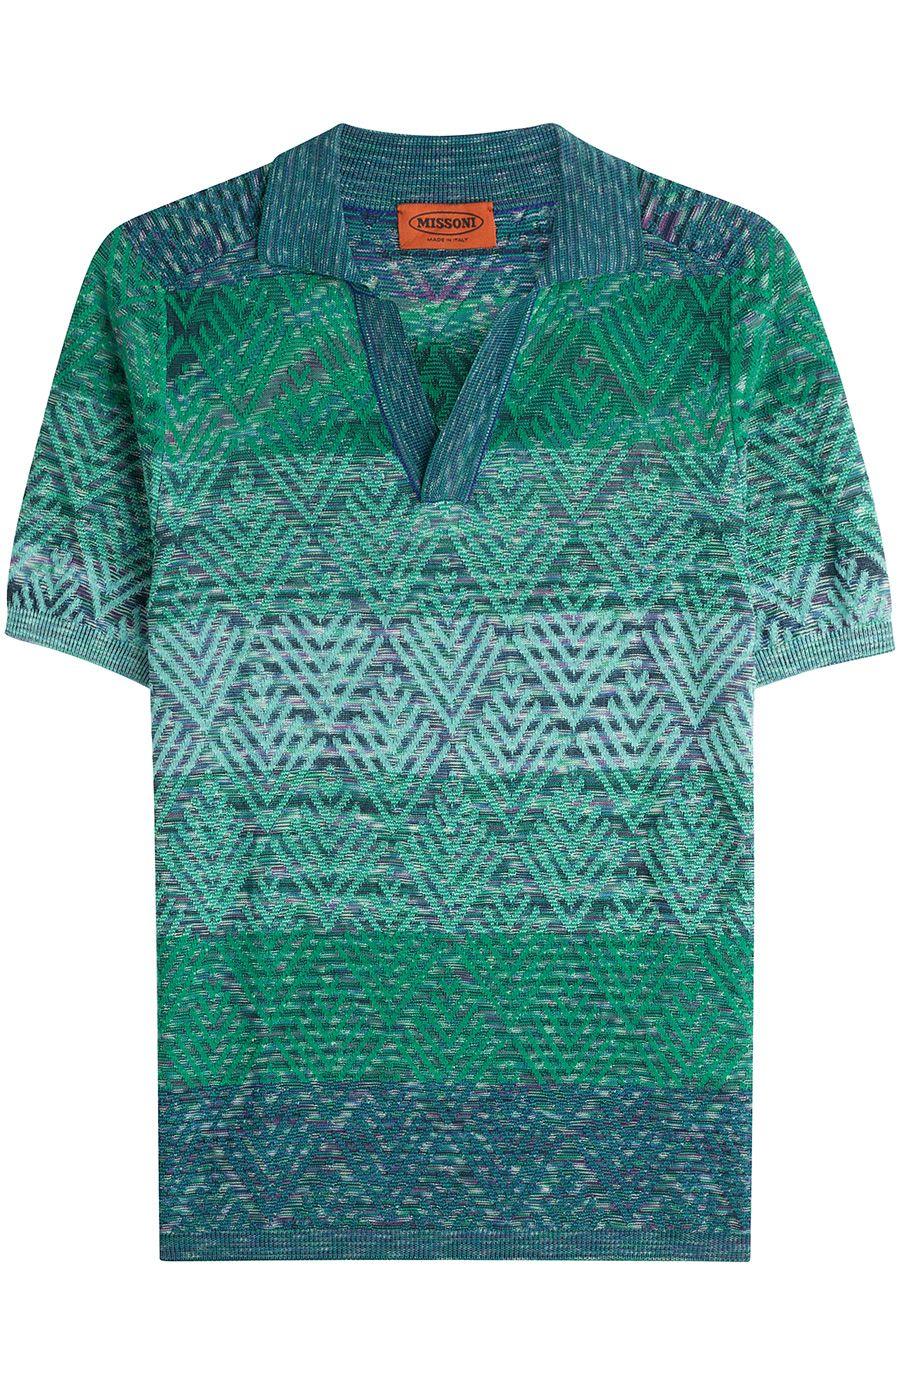 ab5a7ed08f1f MISSONI Patterned Polo Shirt. #missoni #cloth #t-shirts | Missoni ...